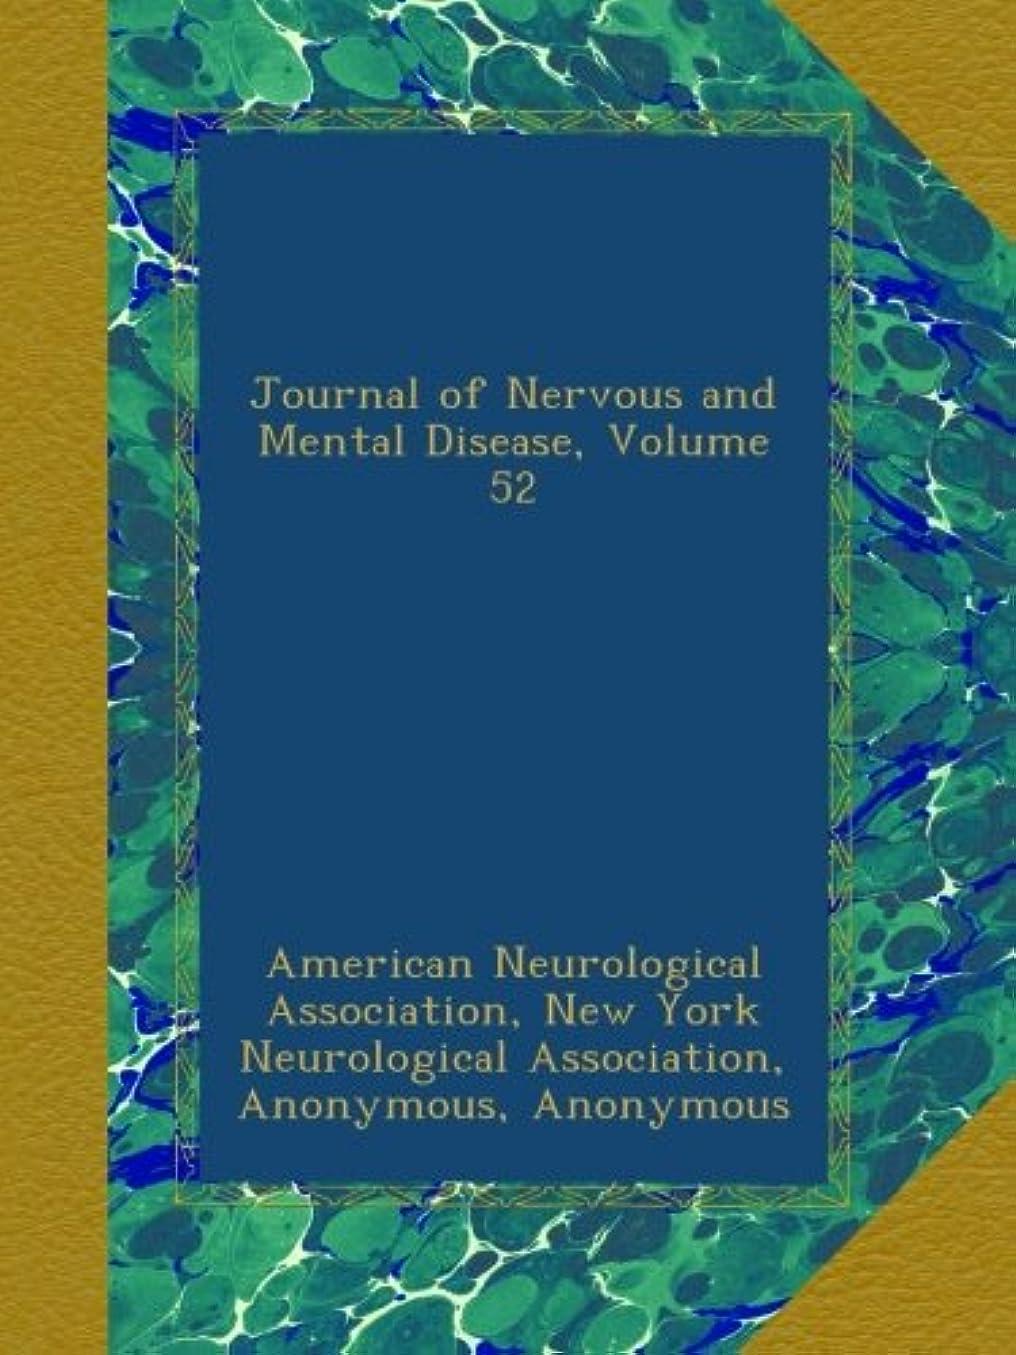 言い換えると日帰り旅行にであるJournal of Nervous and Mental Disease, Volume 52